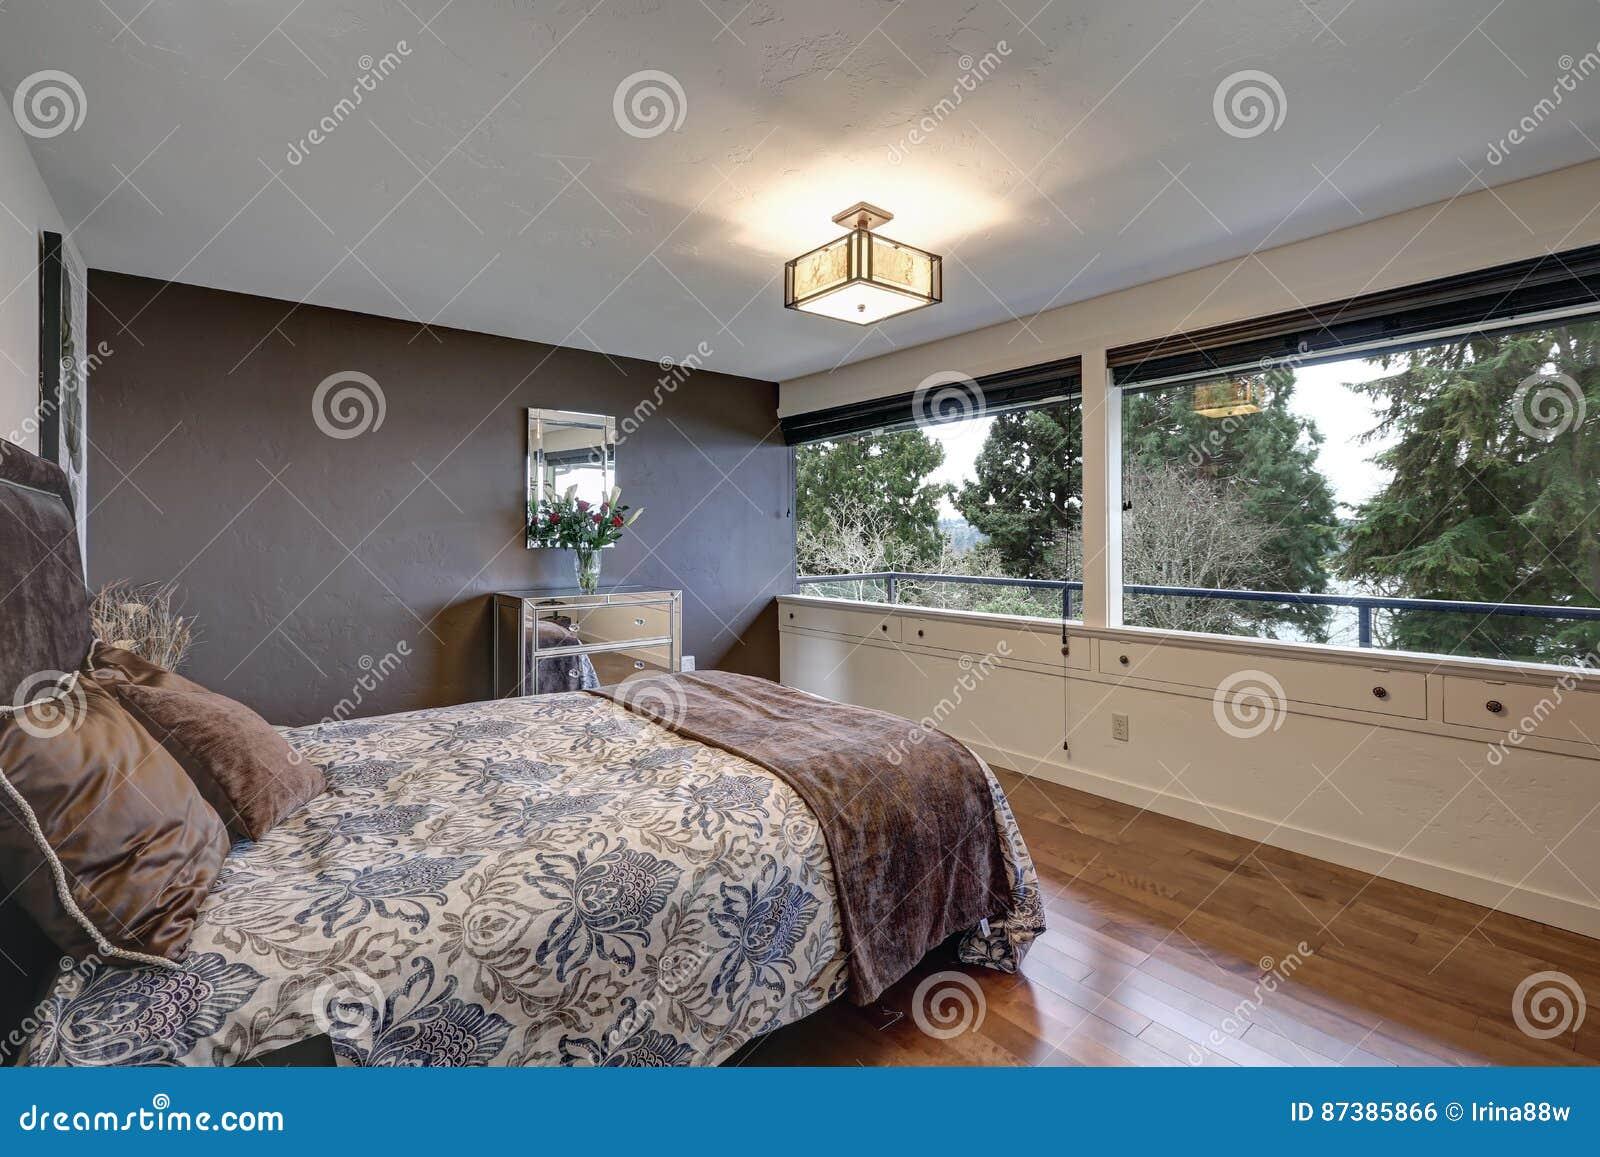 Slaapkamer Interieur Grijs : Slaapkamer met grijze accentmuur stock foto afbeelding bestaande